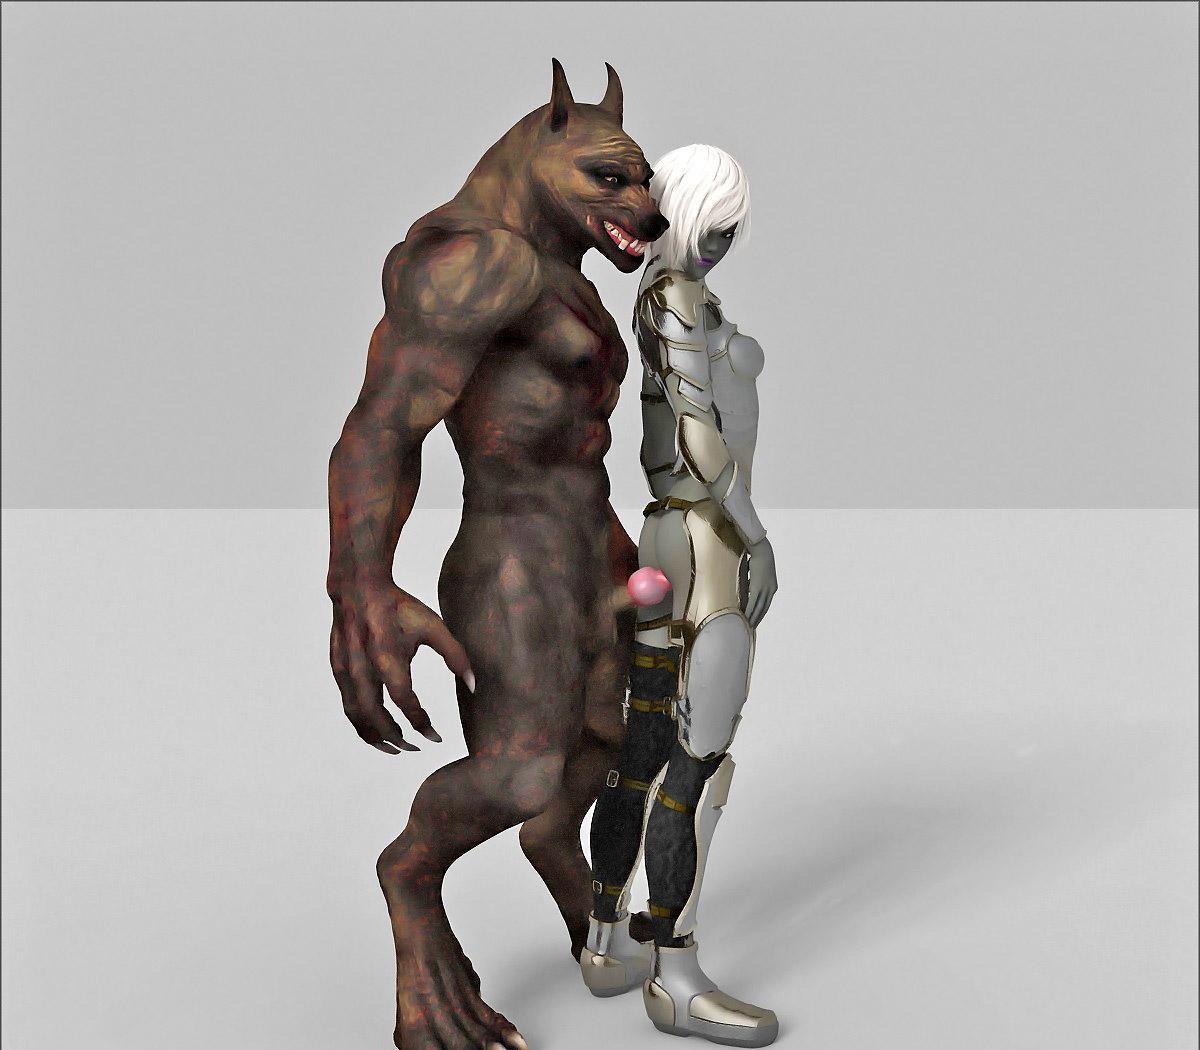 Monster 3d porno